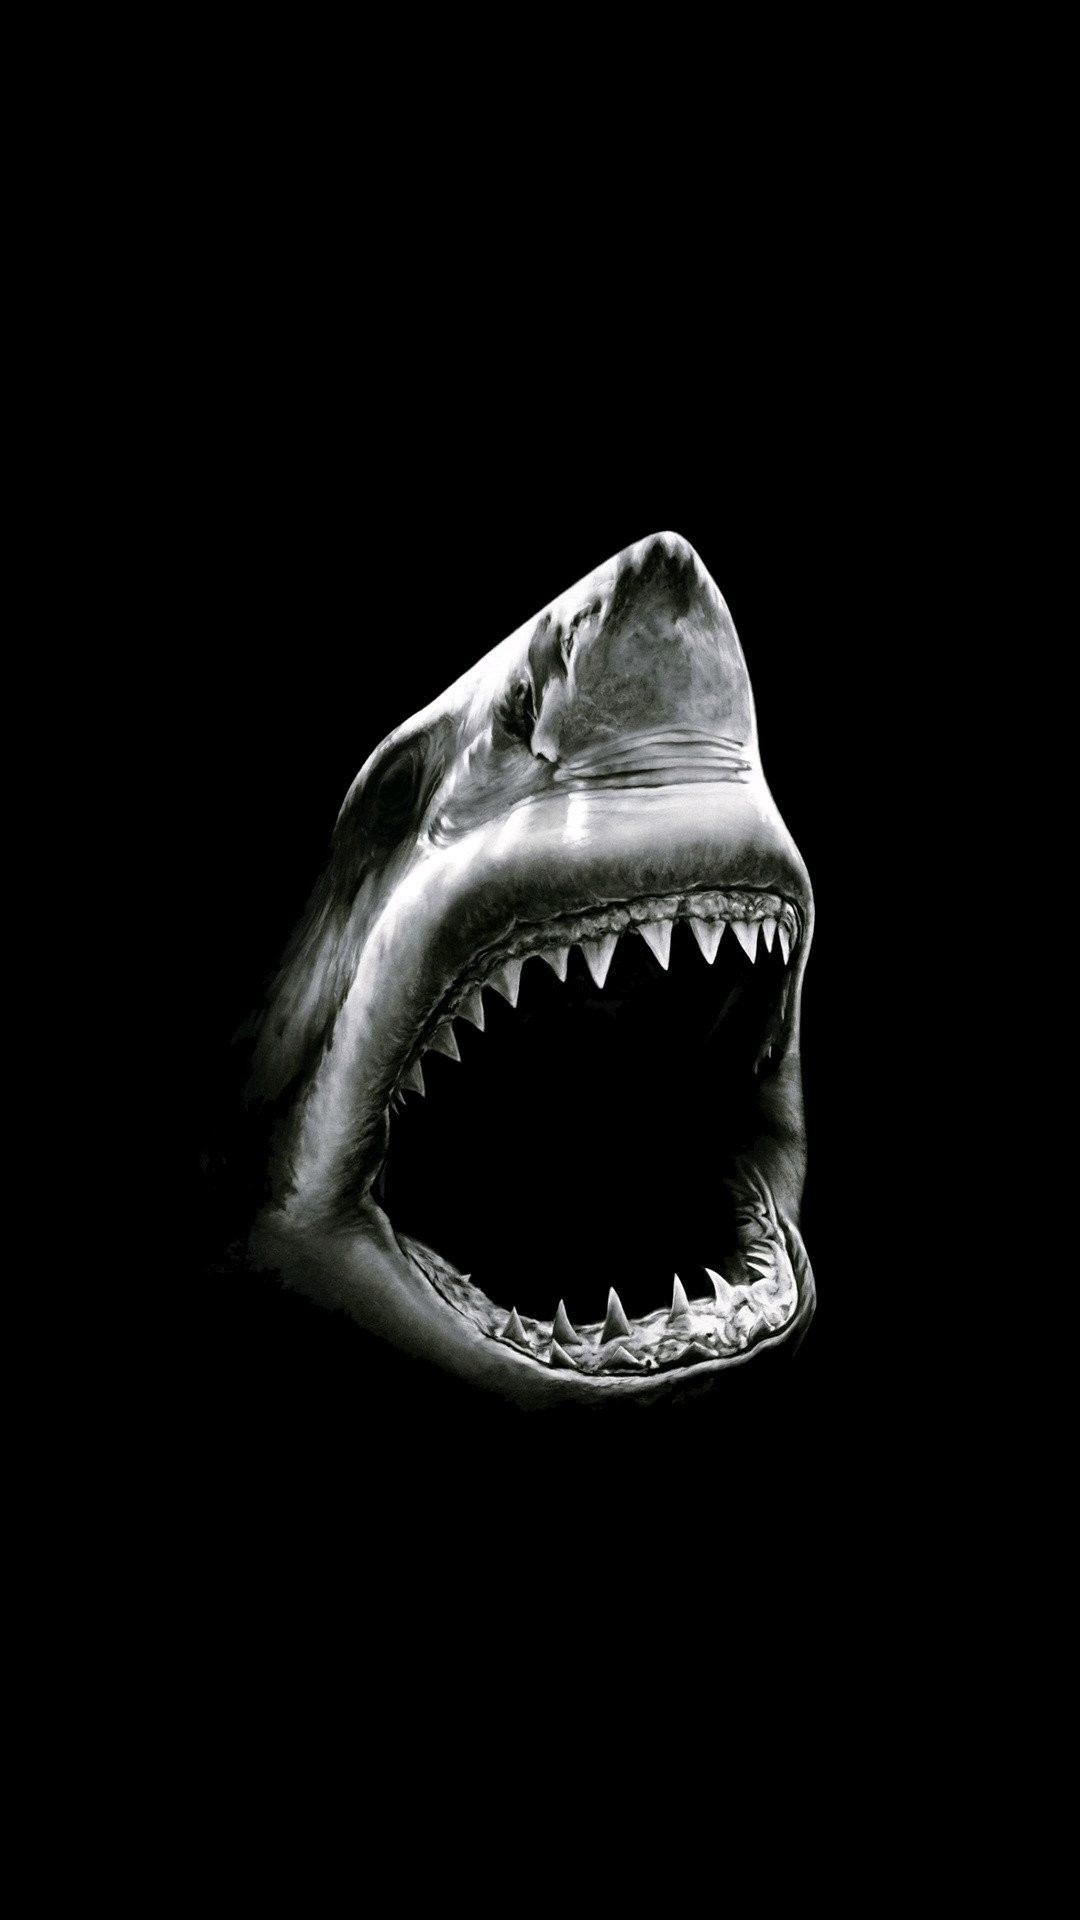 Shark iPhone 7 wallpaper